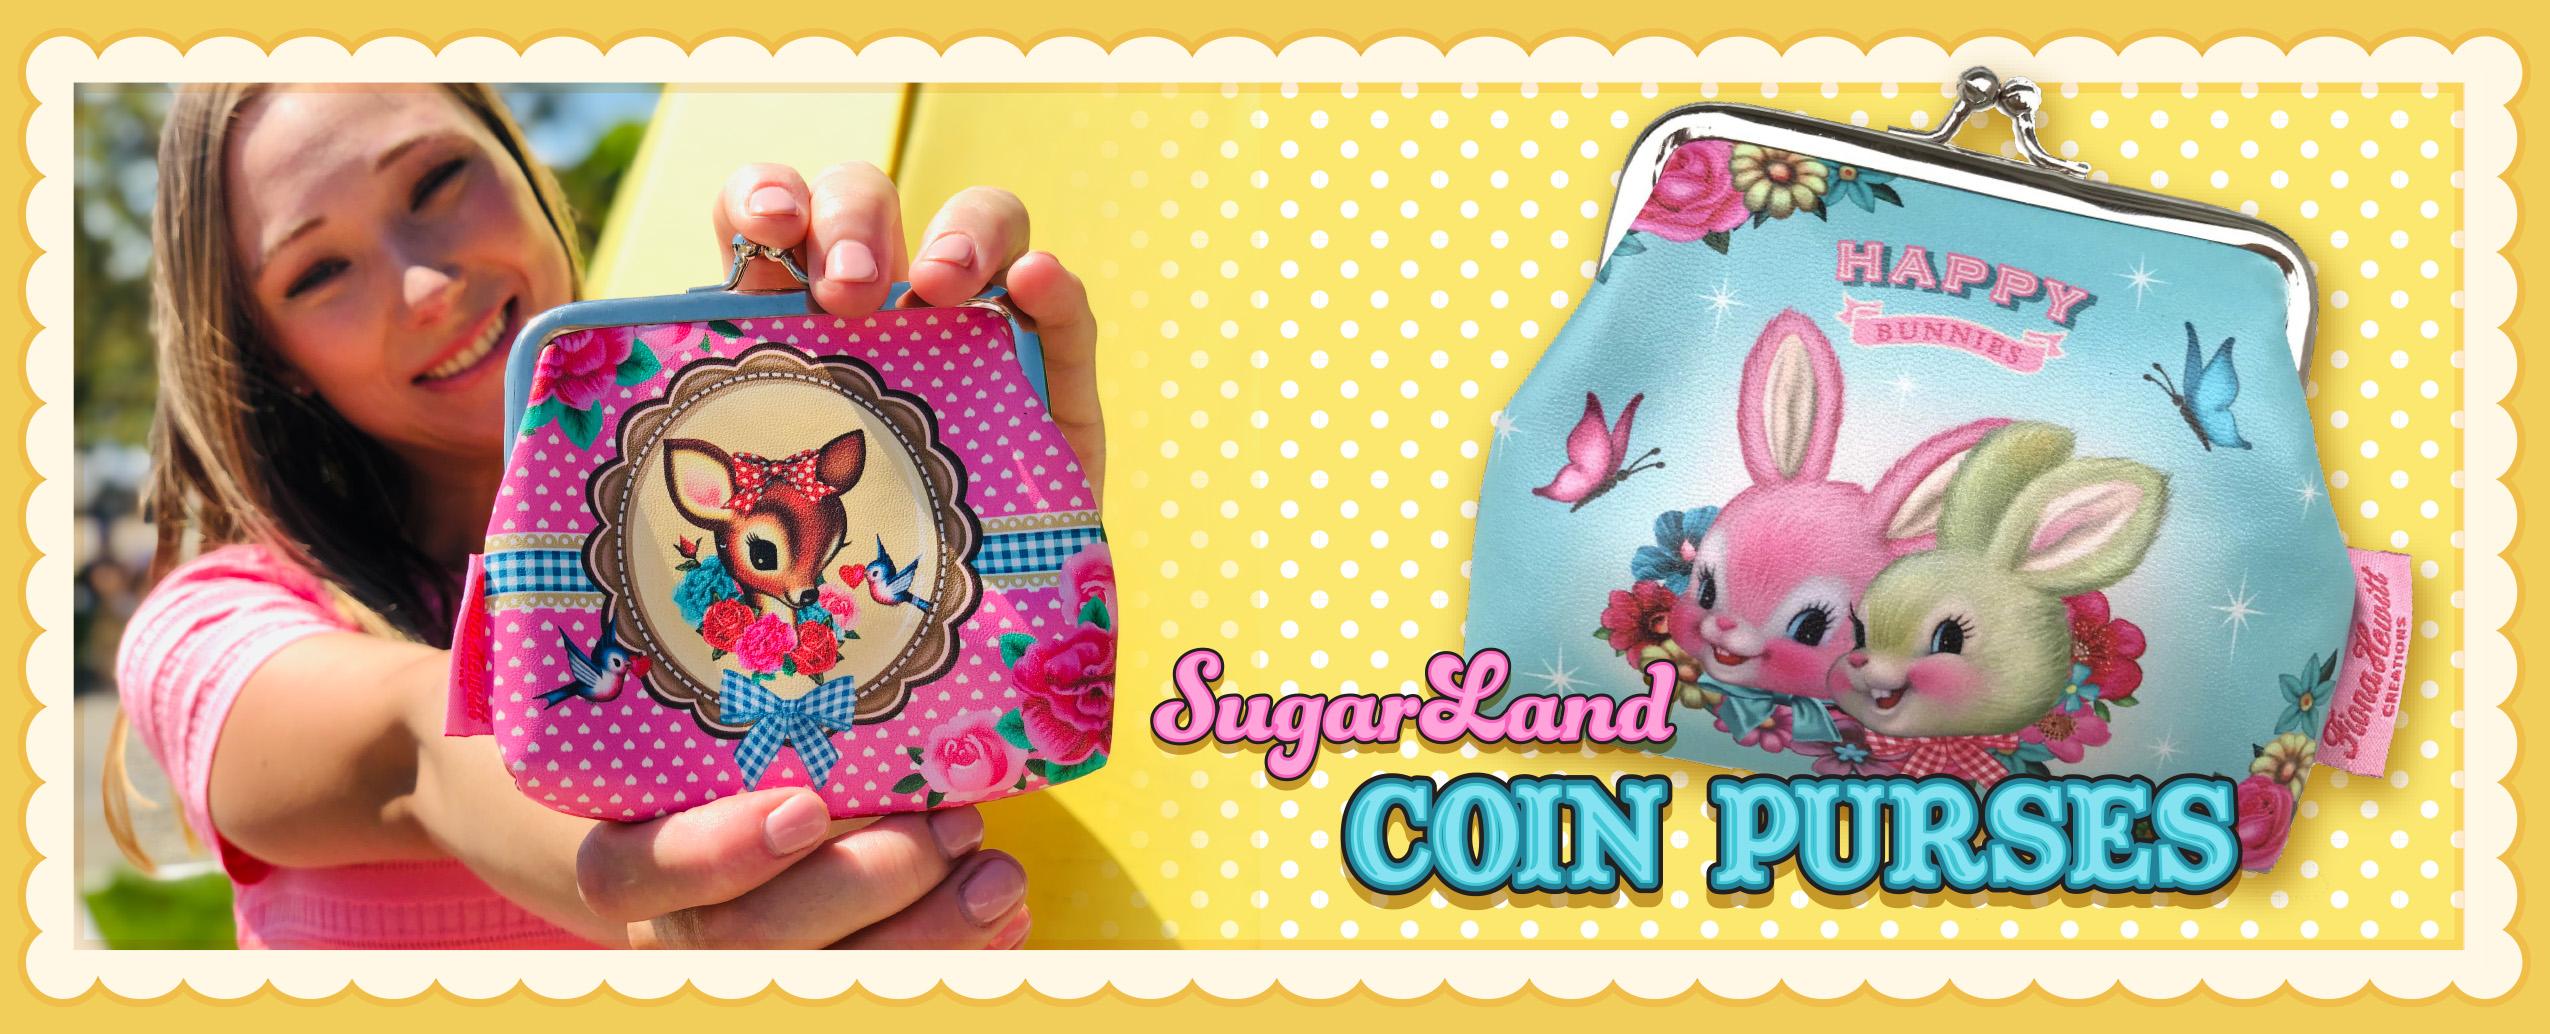 sugarland-catagory-coin-rev.jpg